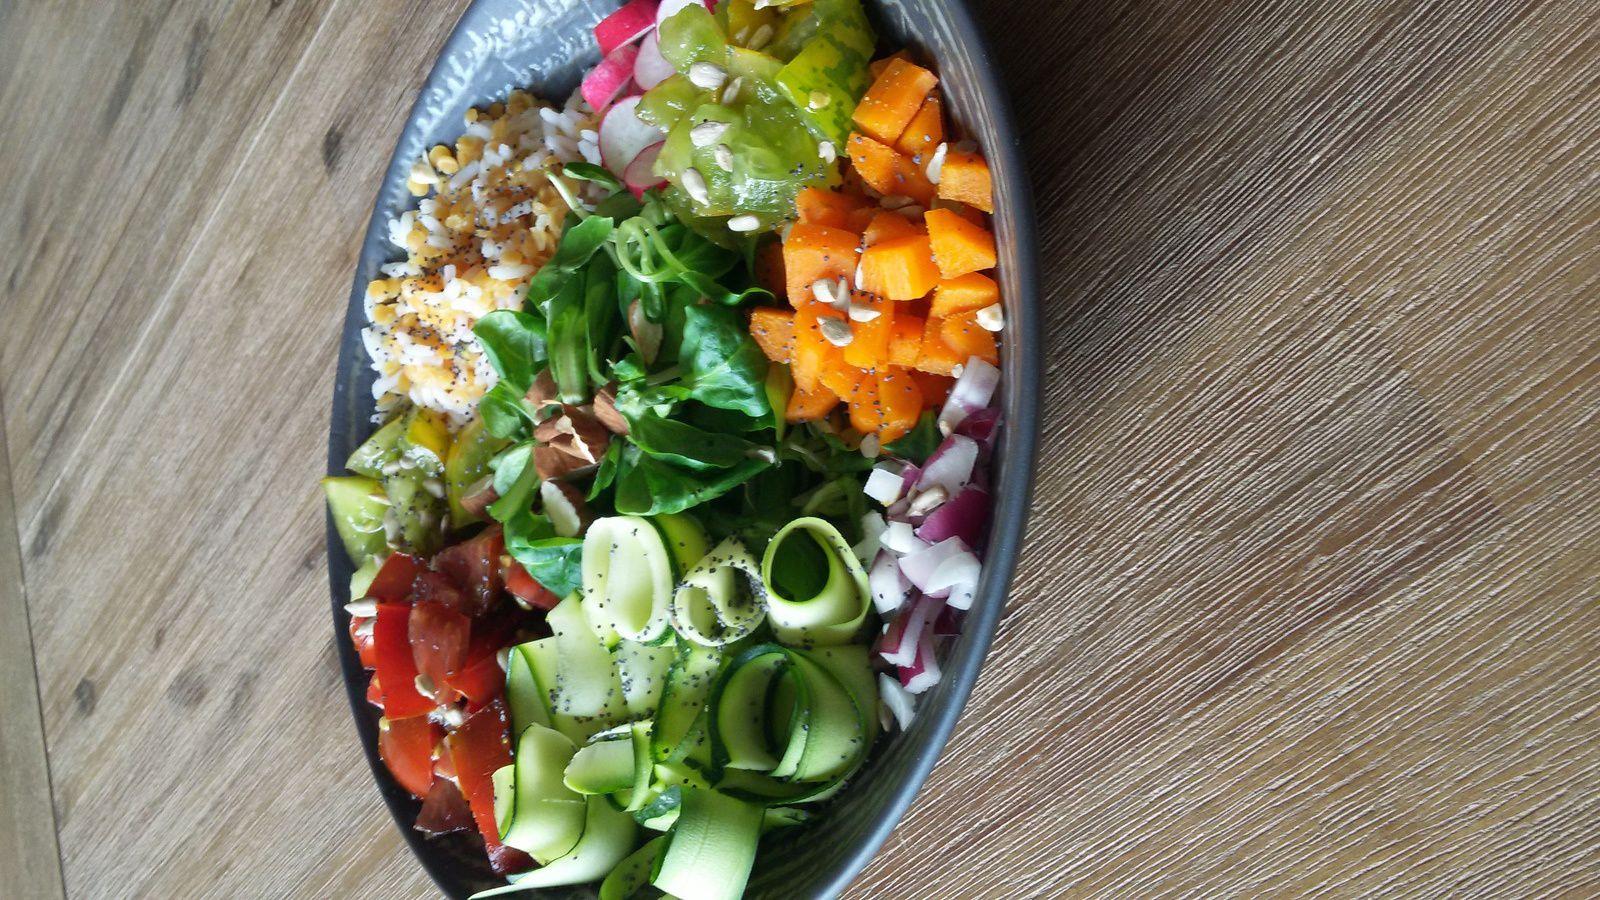 Buddha bowl - bases pour réaliser ce repas simple, healthy, complet et gourmand!